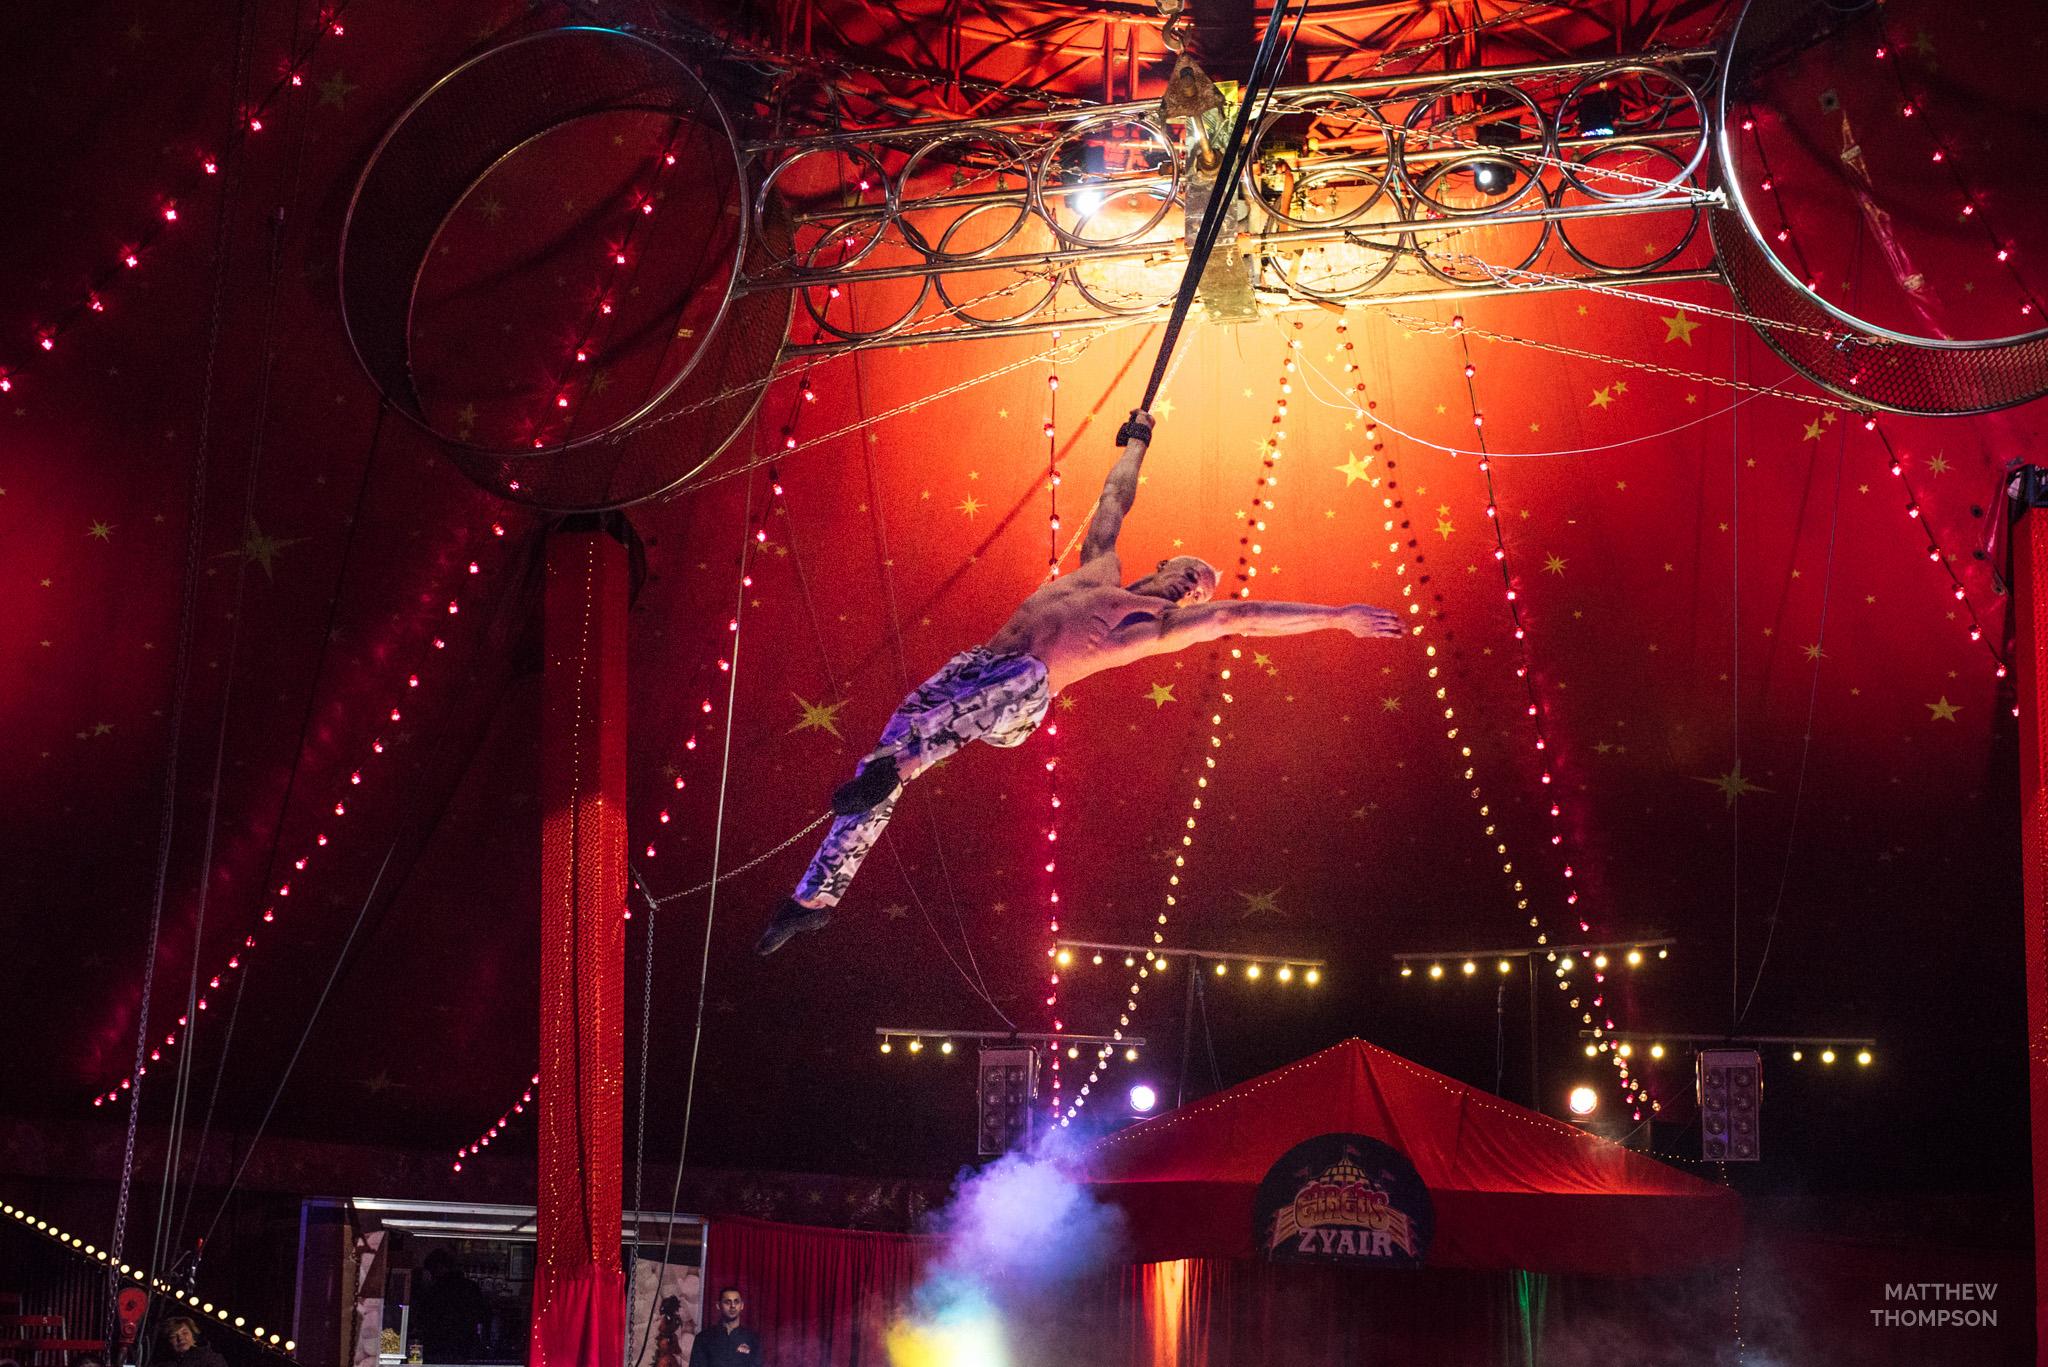 160304-Circus-Zyair-83-W.jpg